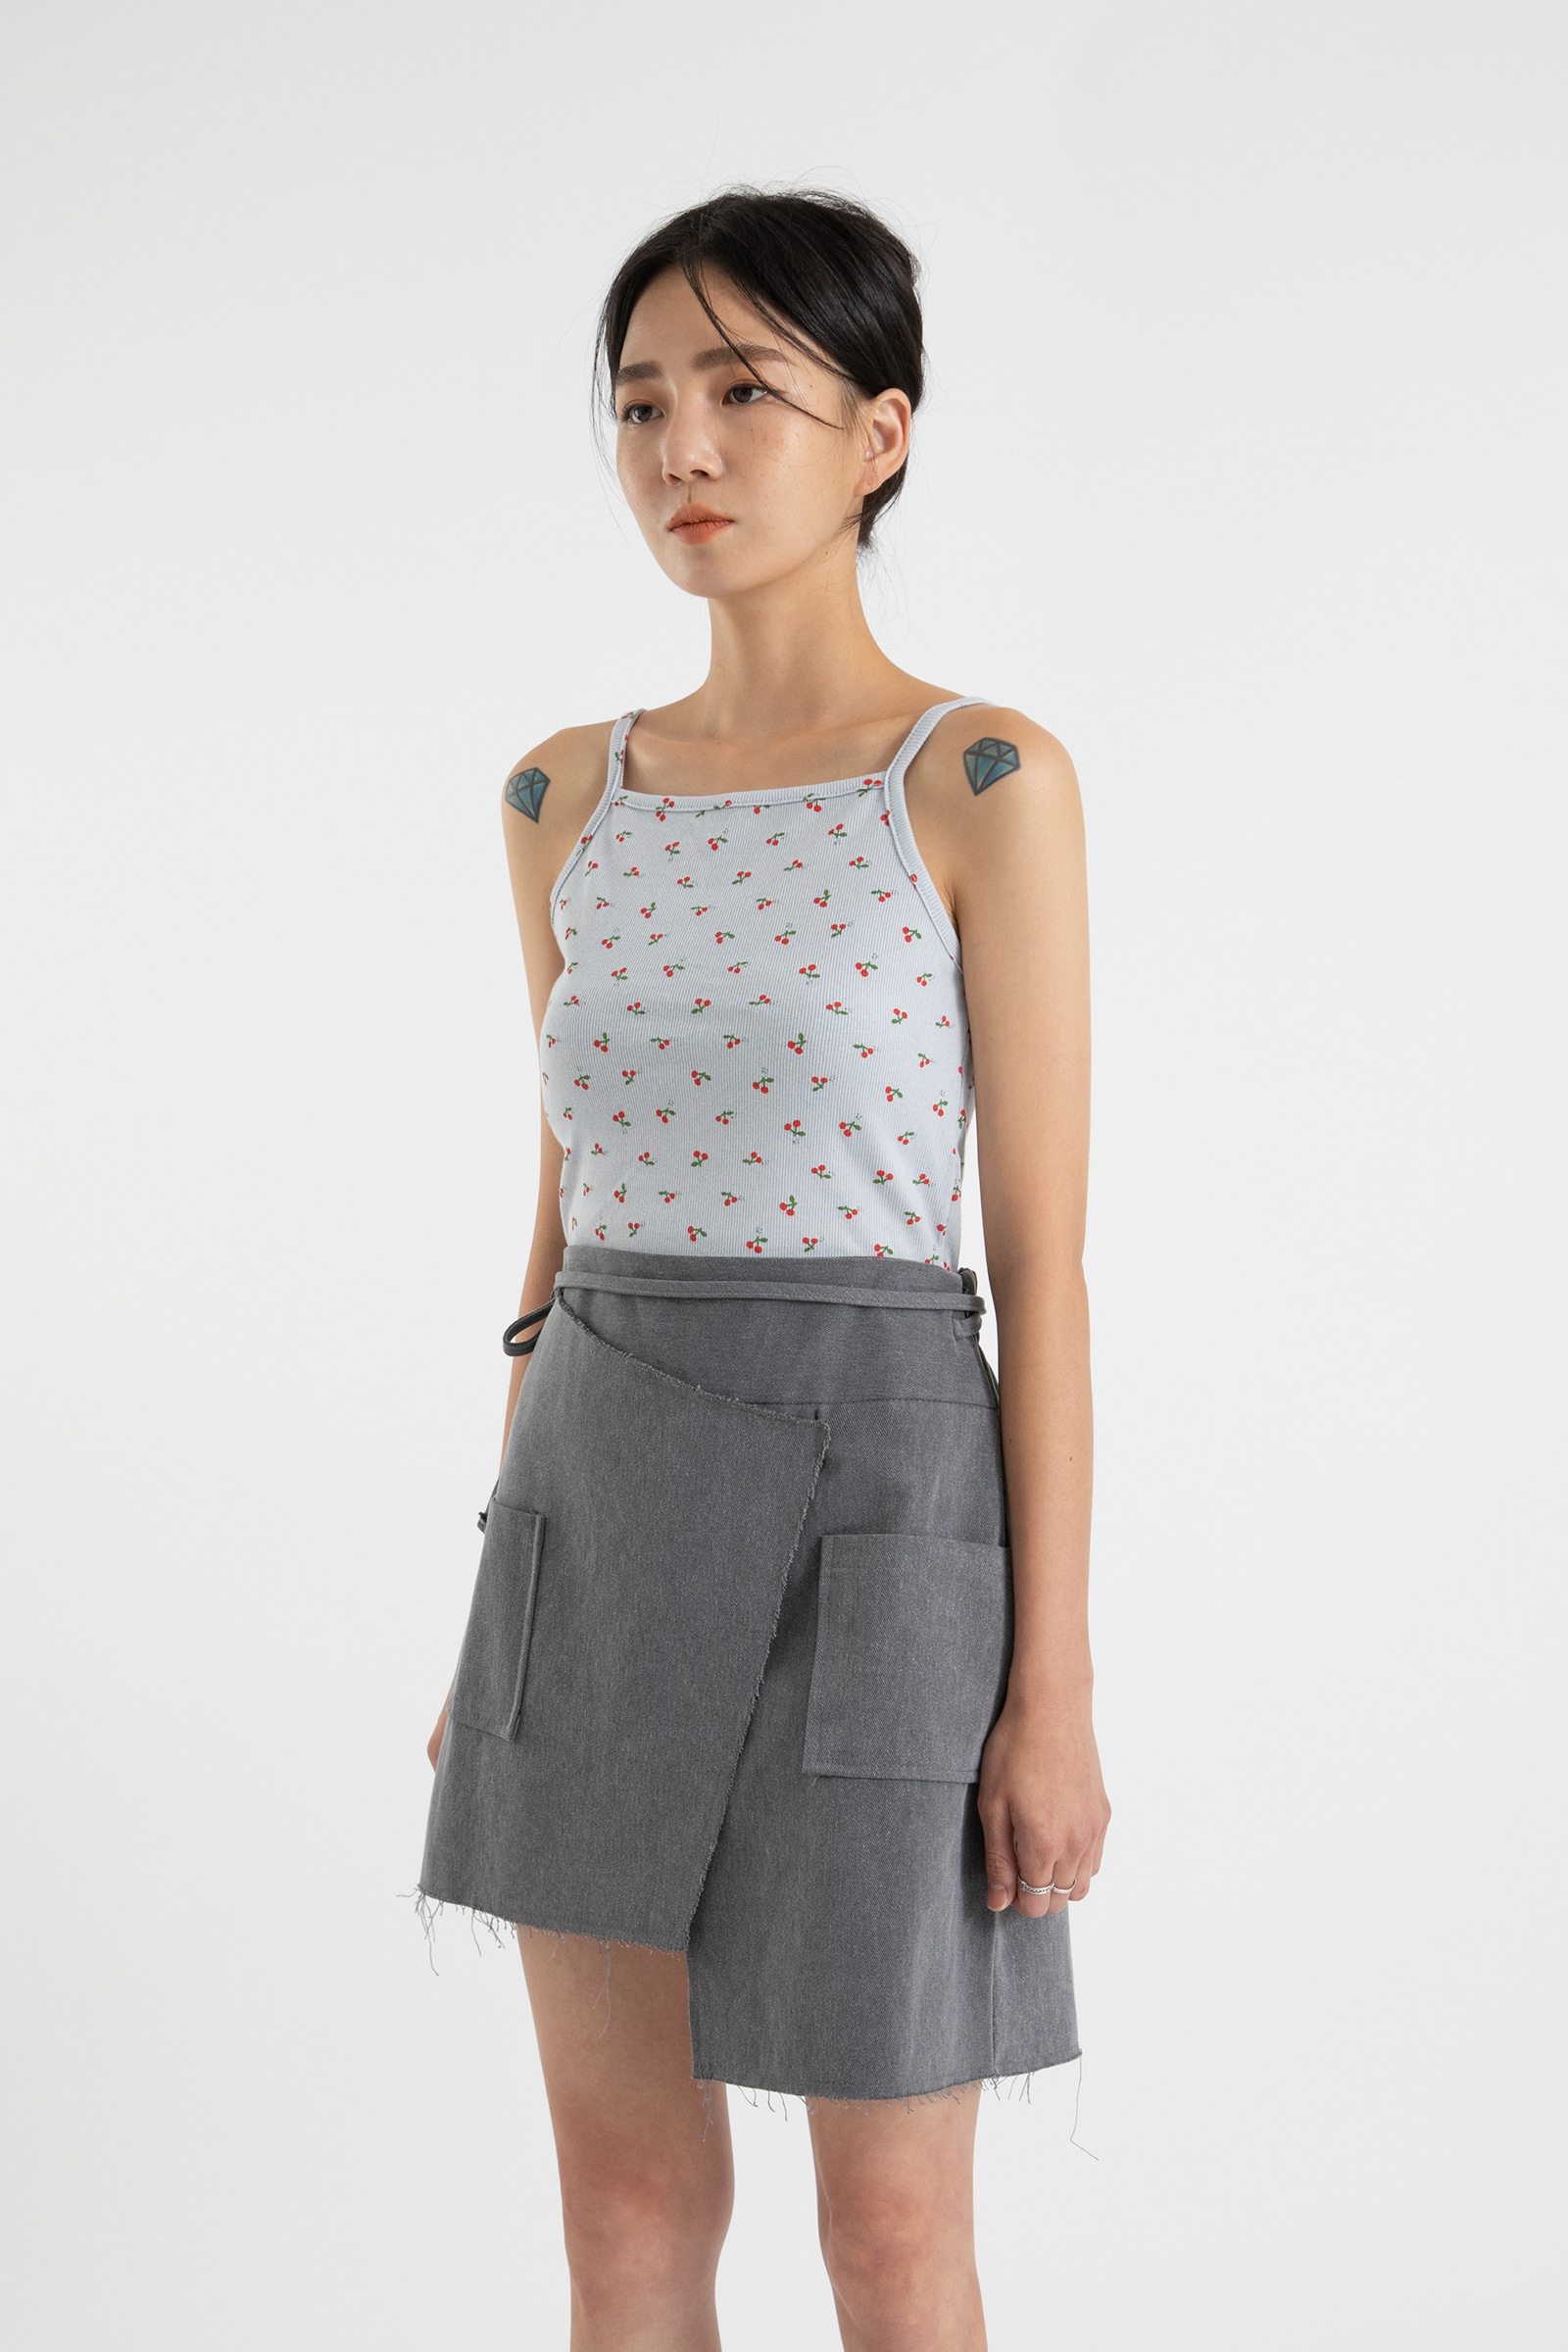 Cherry slim sleeveless top